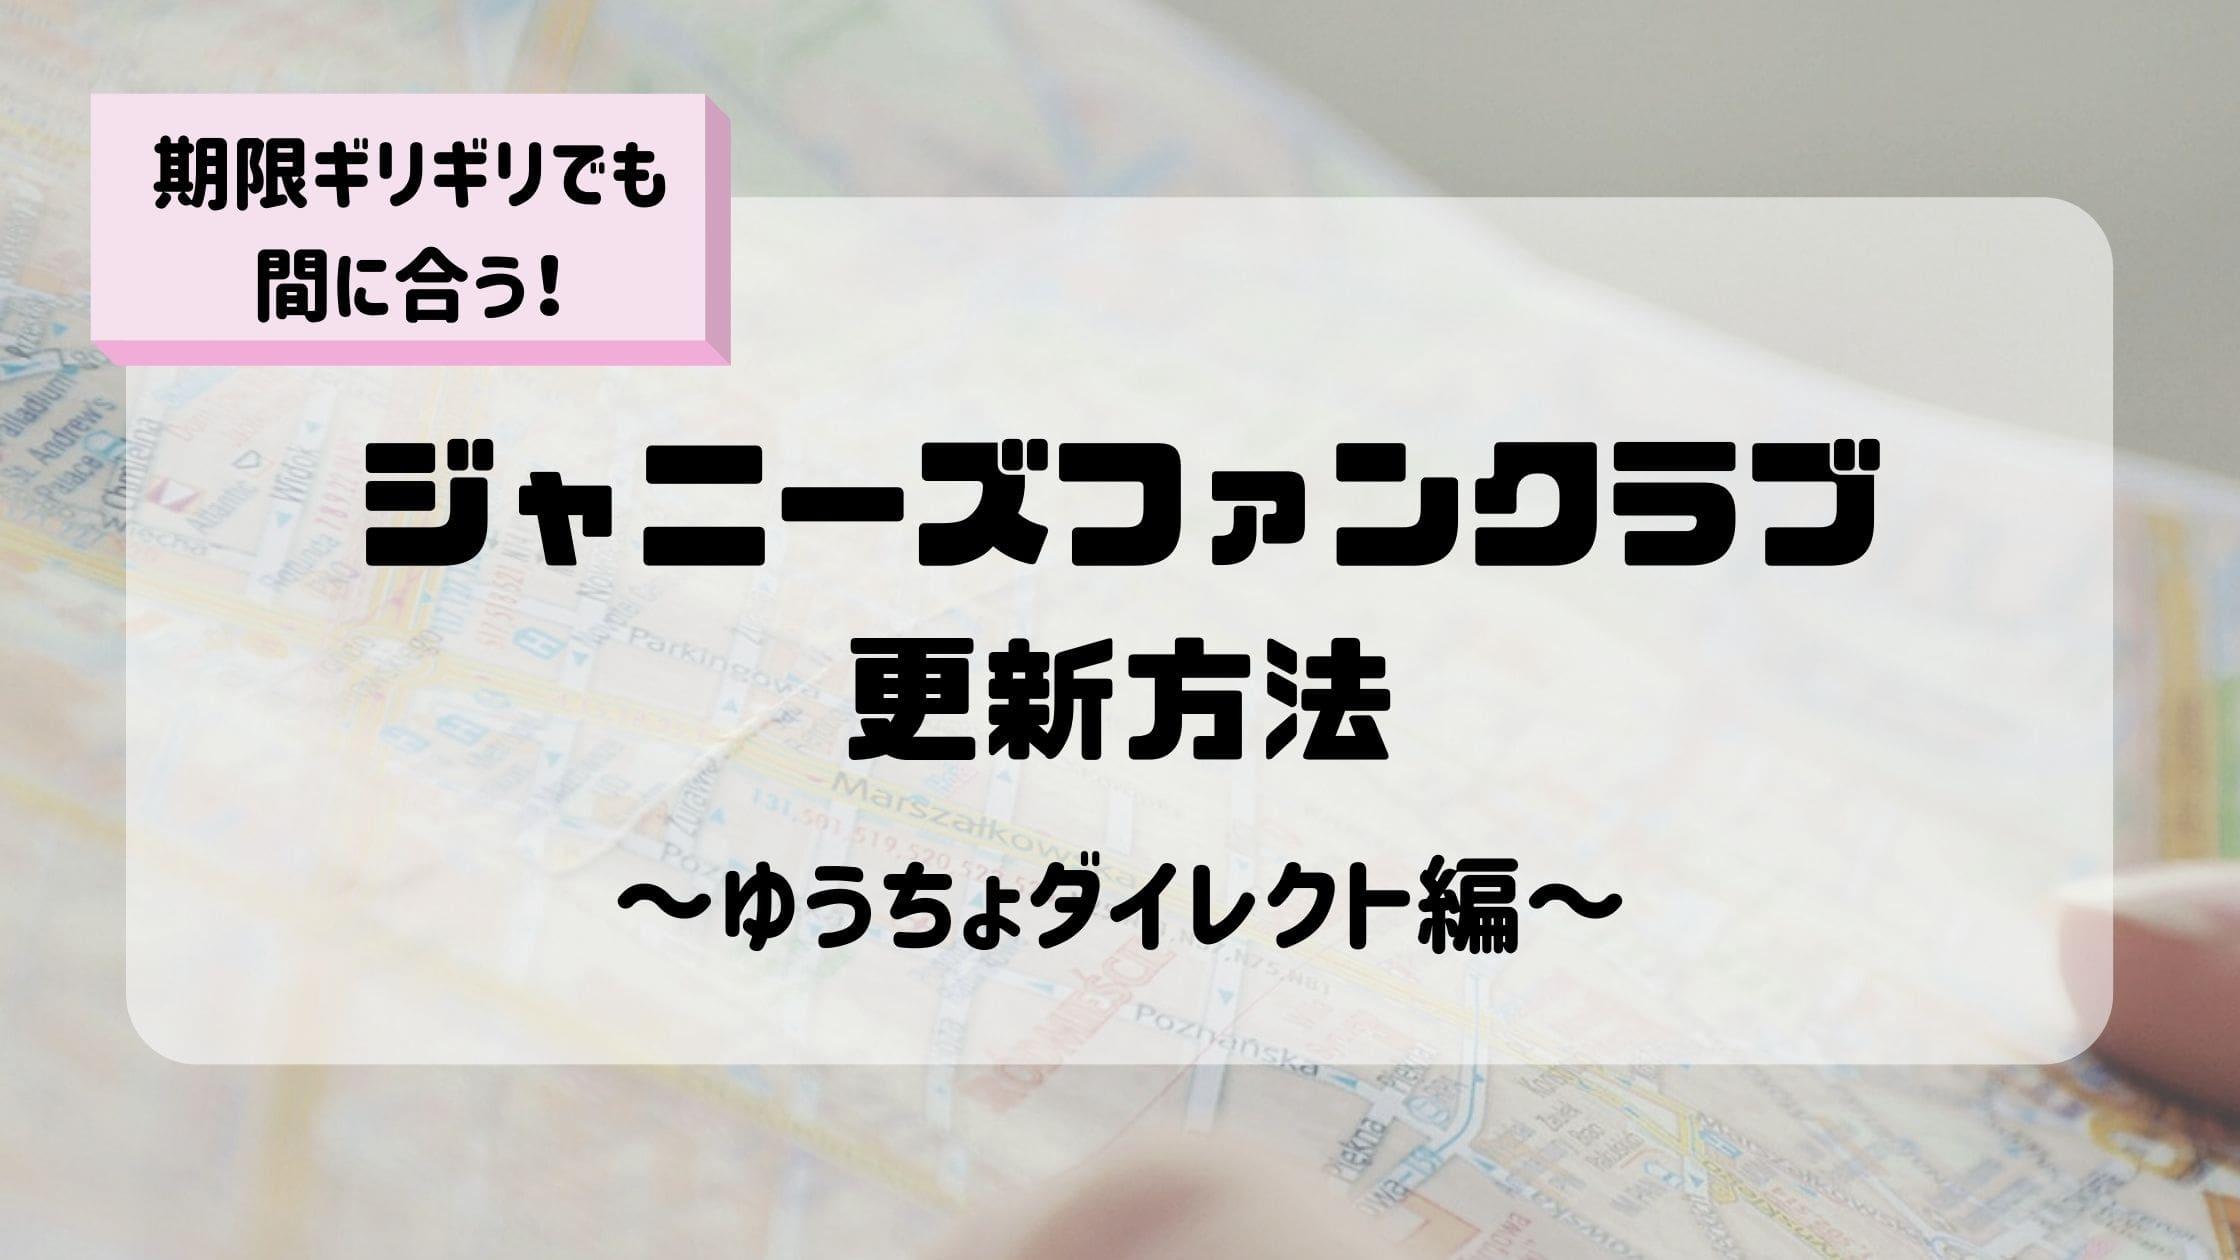 ジャニーズファンクラブの更新方法!ゆうちょダイレクト編